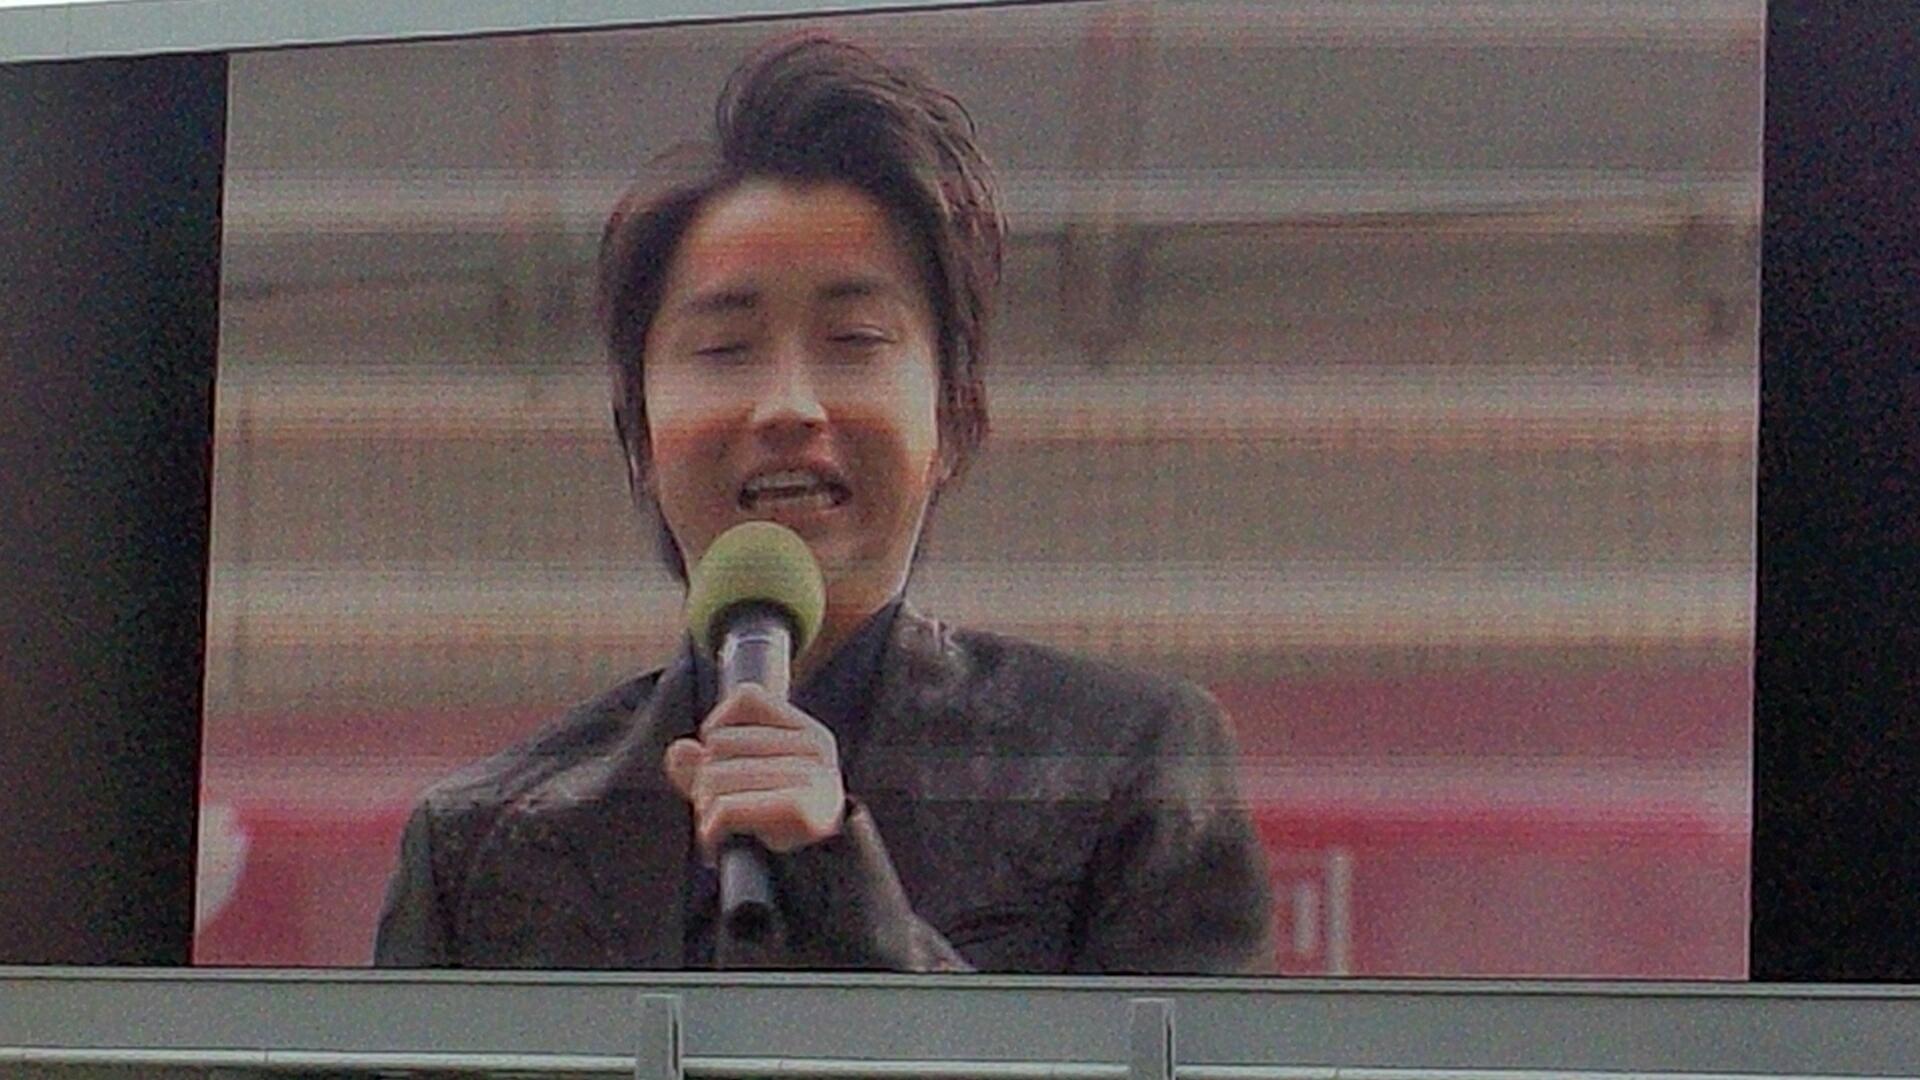 函館スプリントS4 藤原竜也のヒント : 競馬サイン・勝利の法則